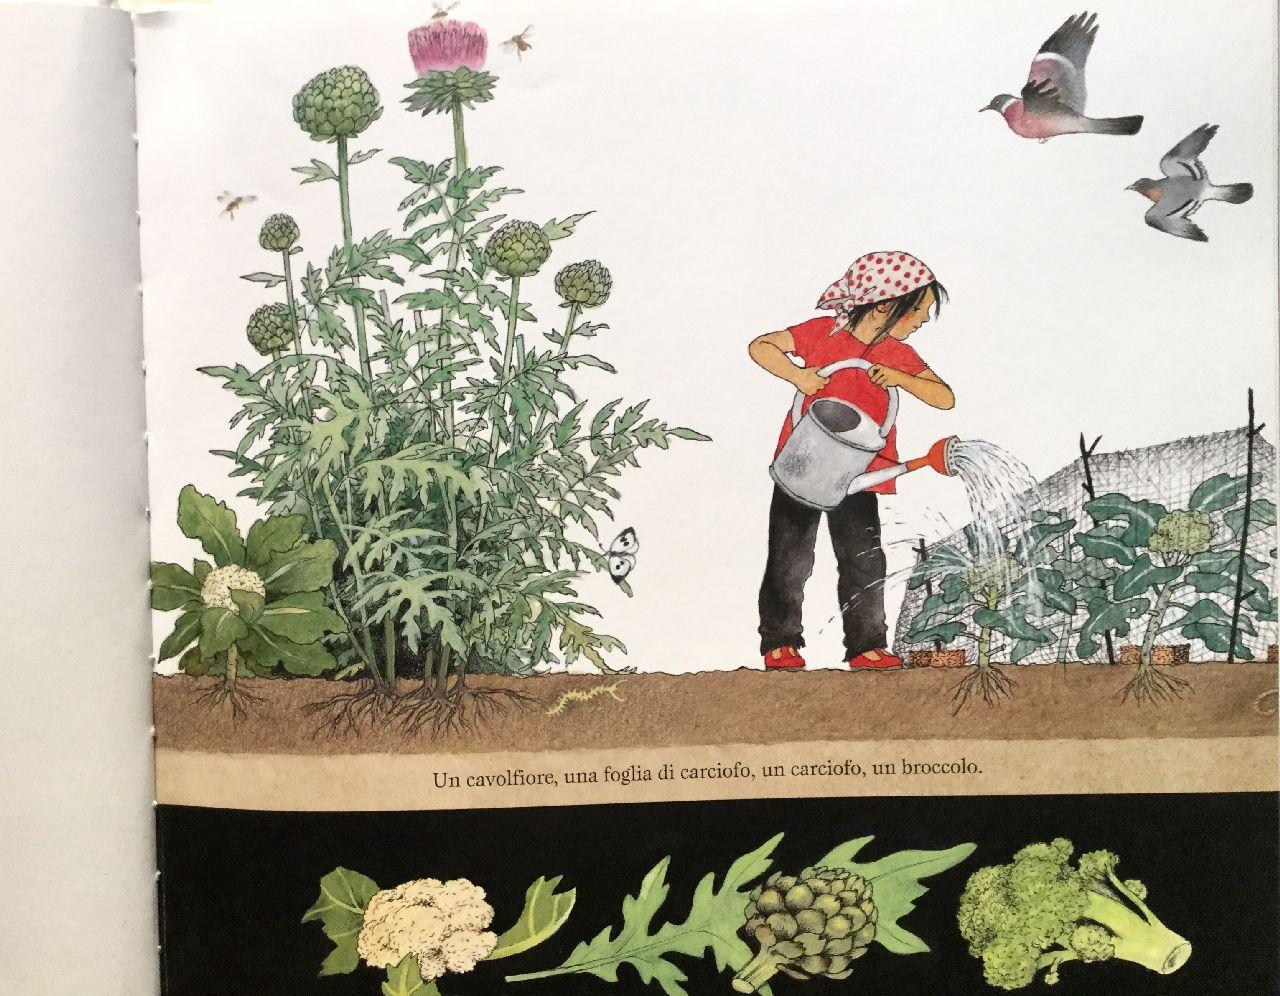 Gerda Muller, La vita segreta dell'orto, Babalibri